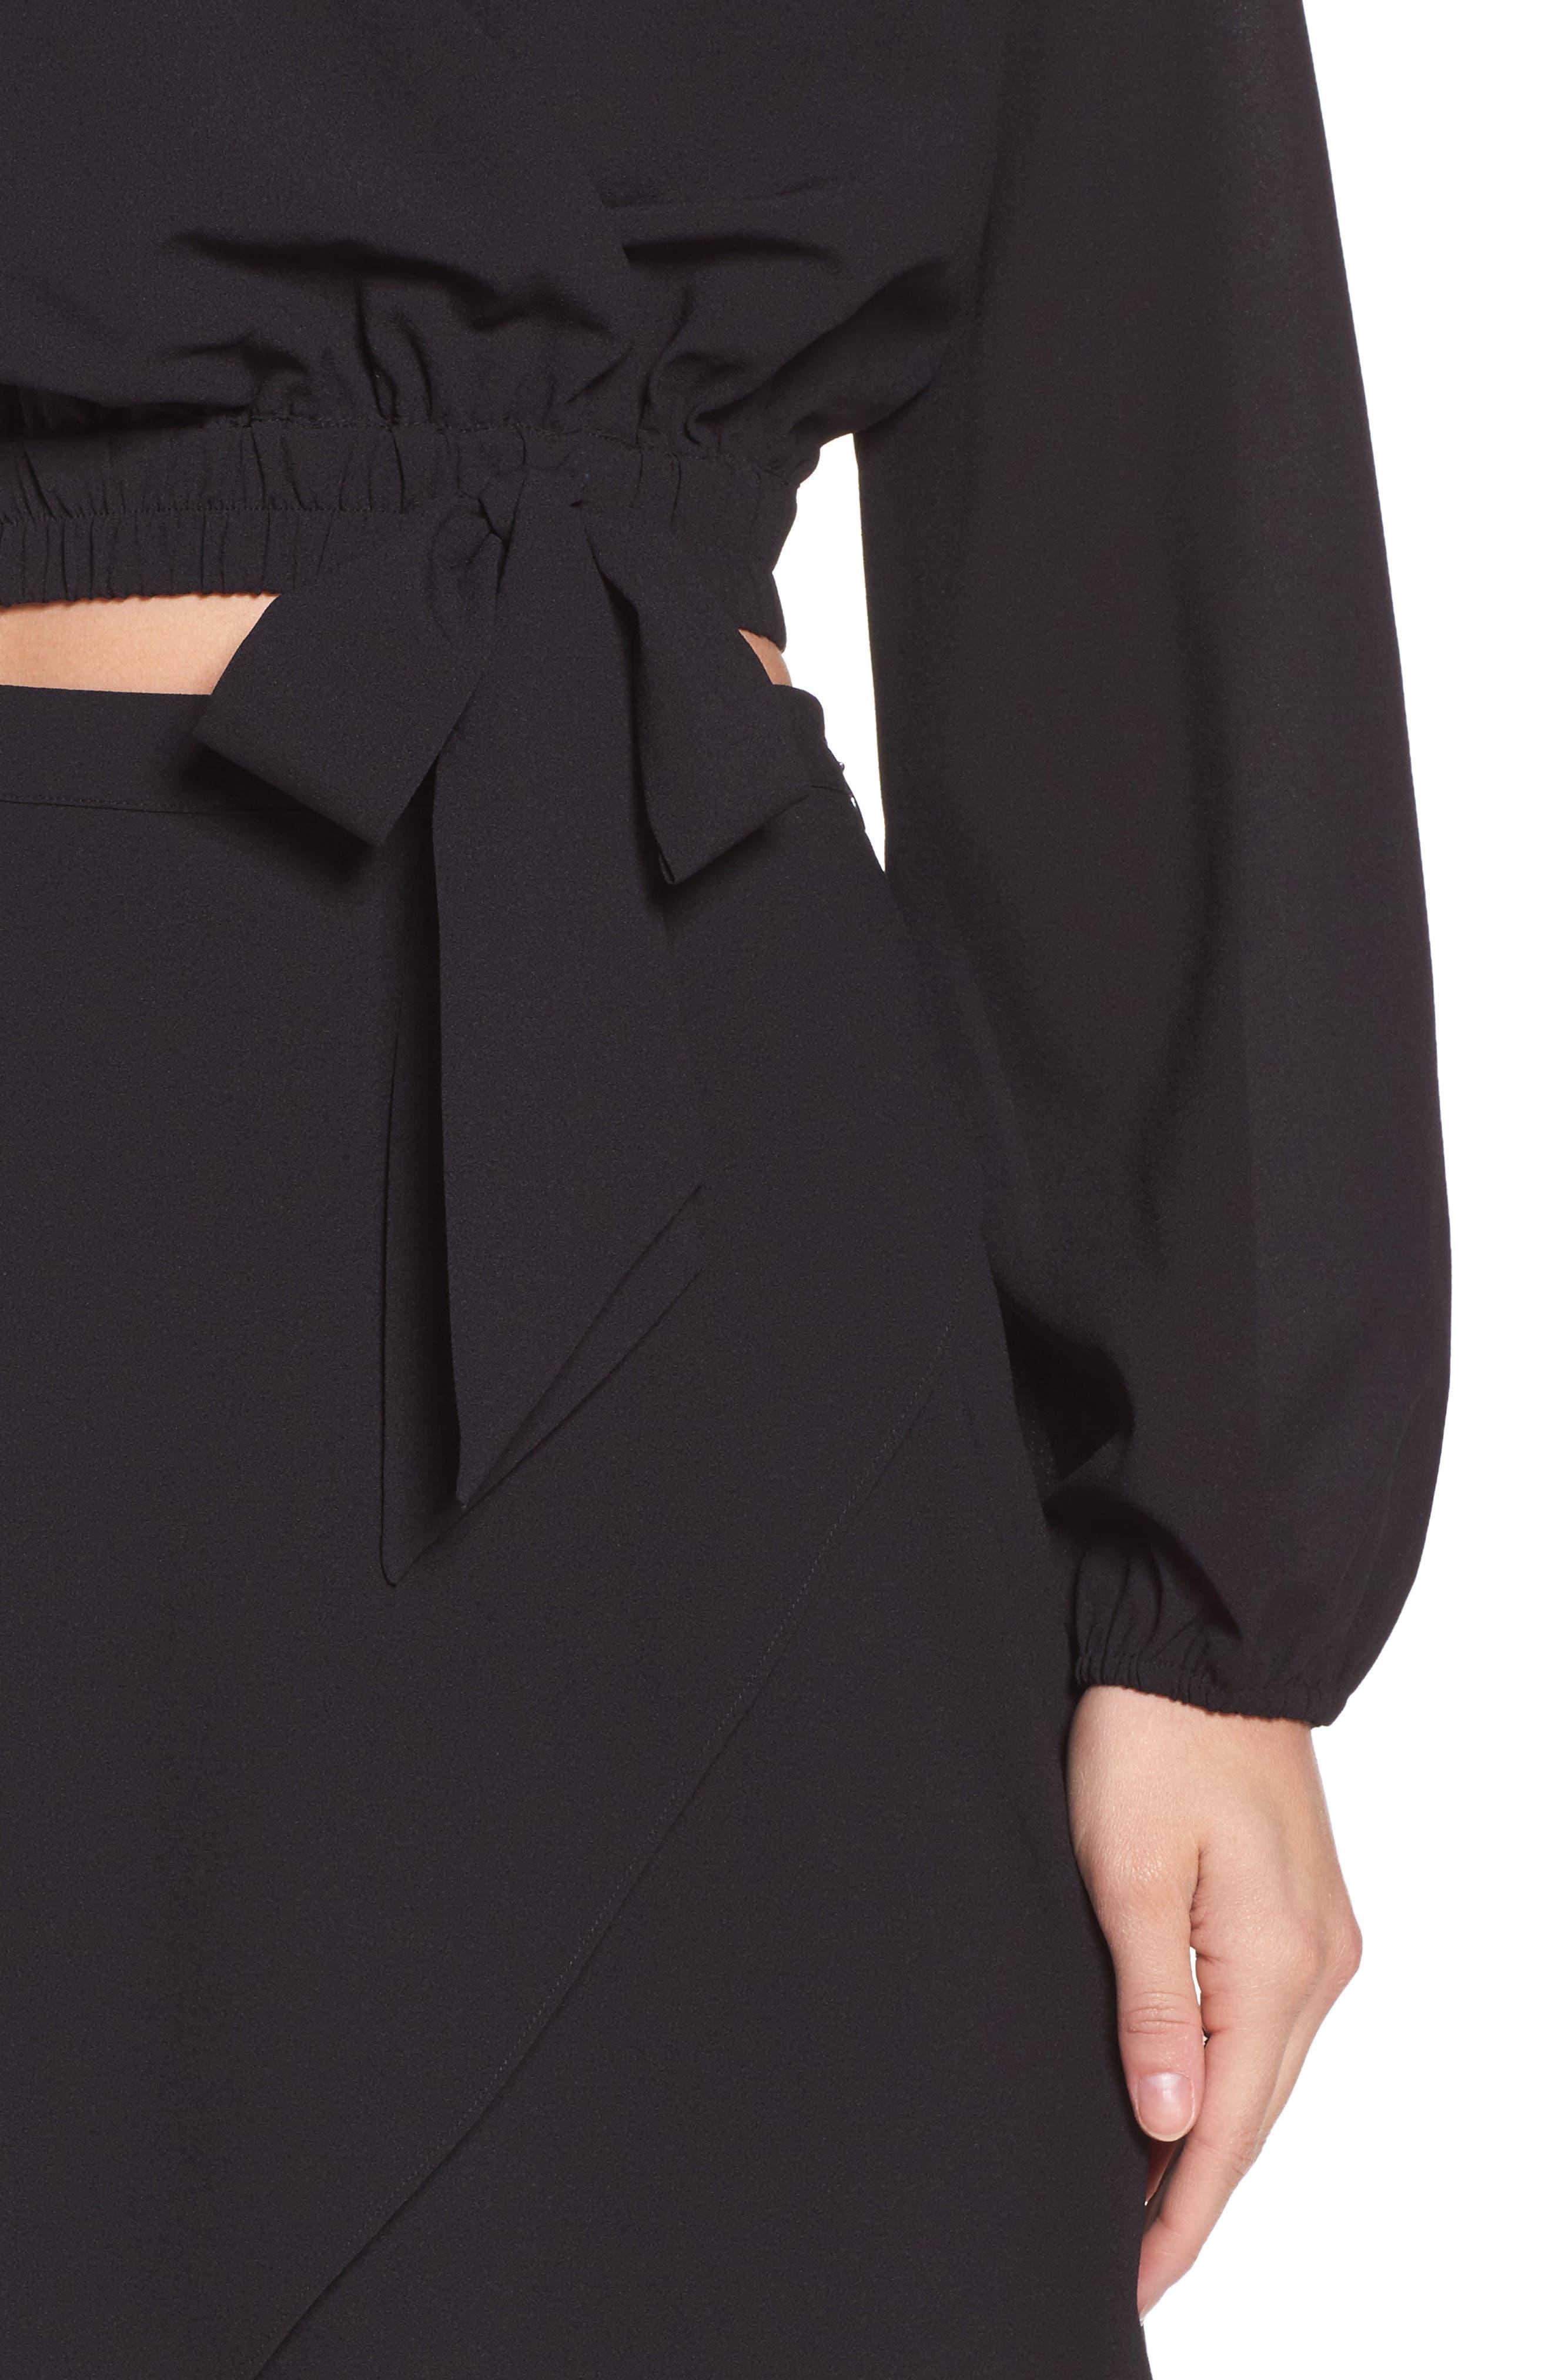 St. Tropez Two-Piece Dress,                             Alternate thumbnail 5, color,                             Black